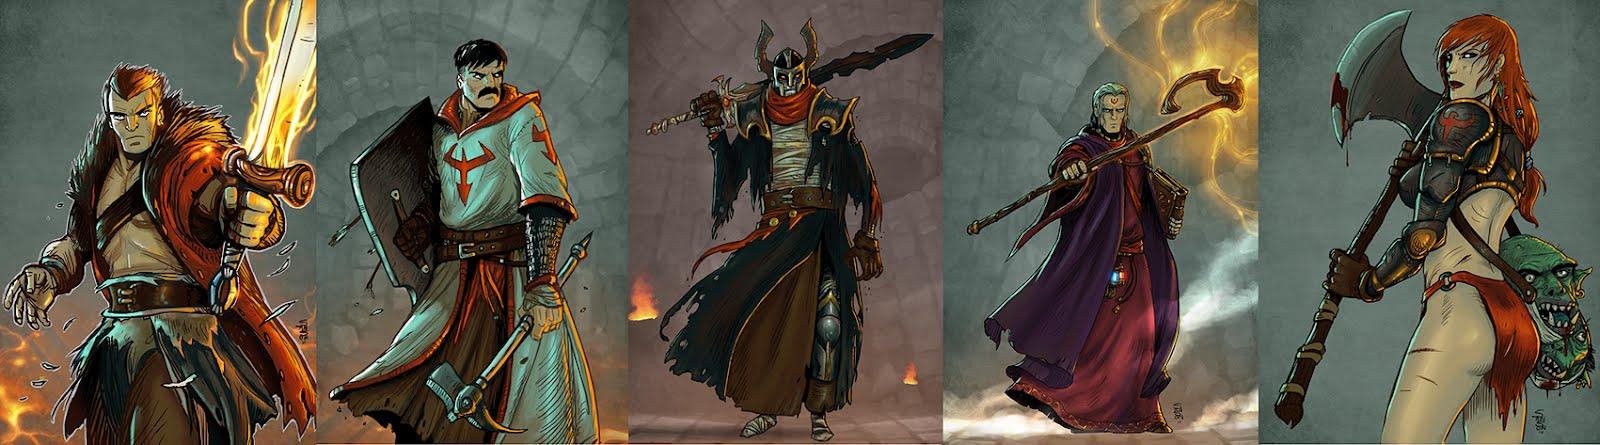 Illustration style fantasy Archetypes